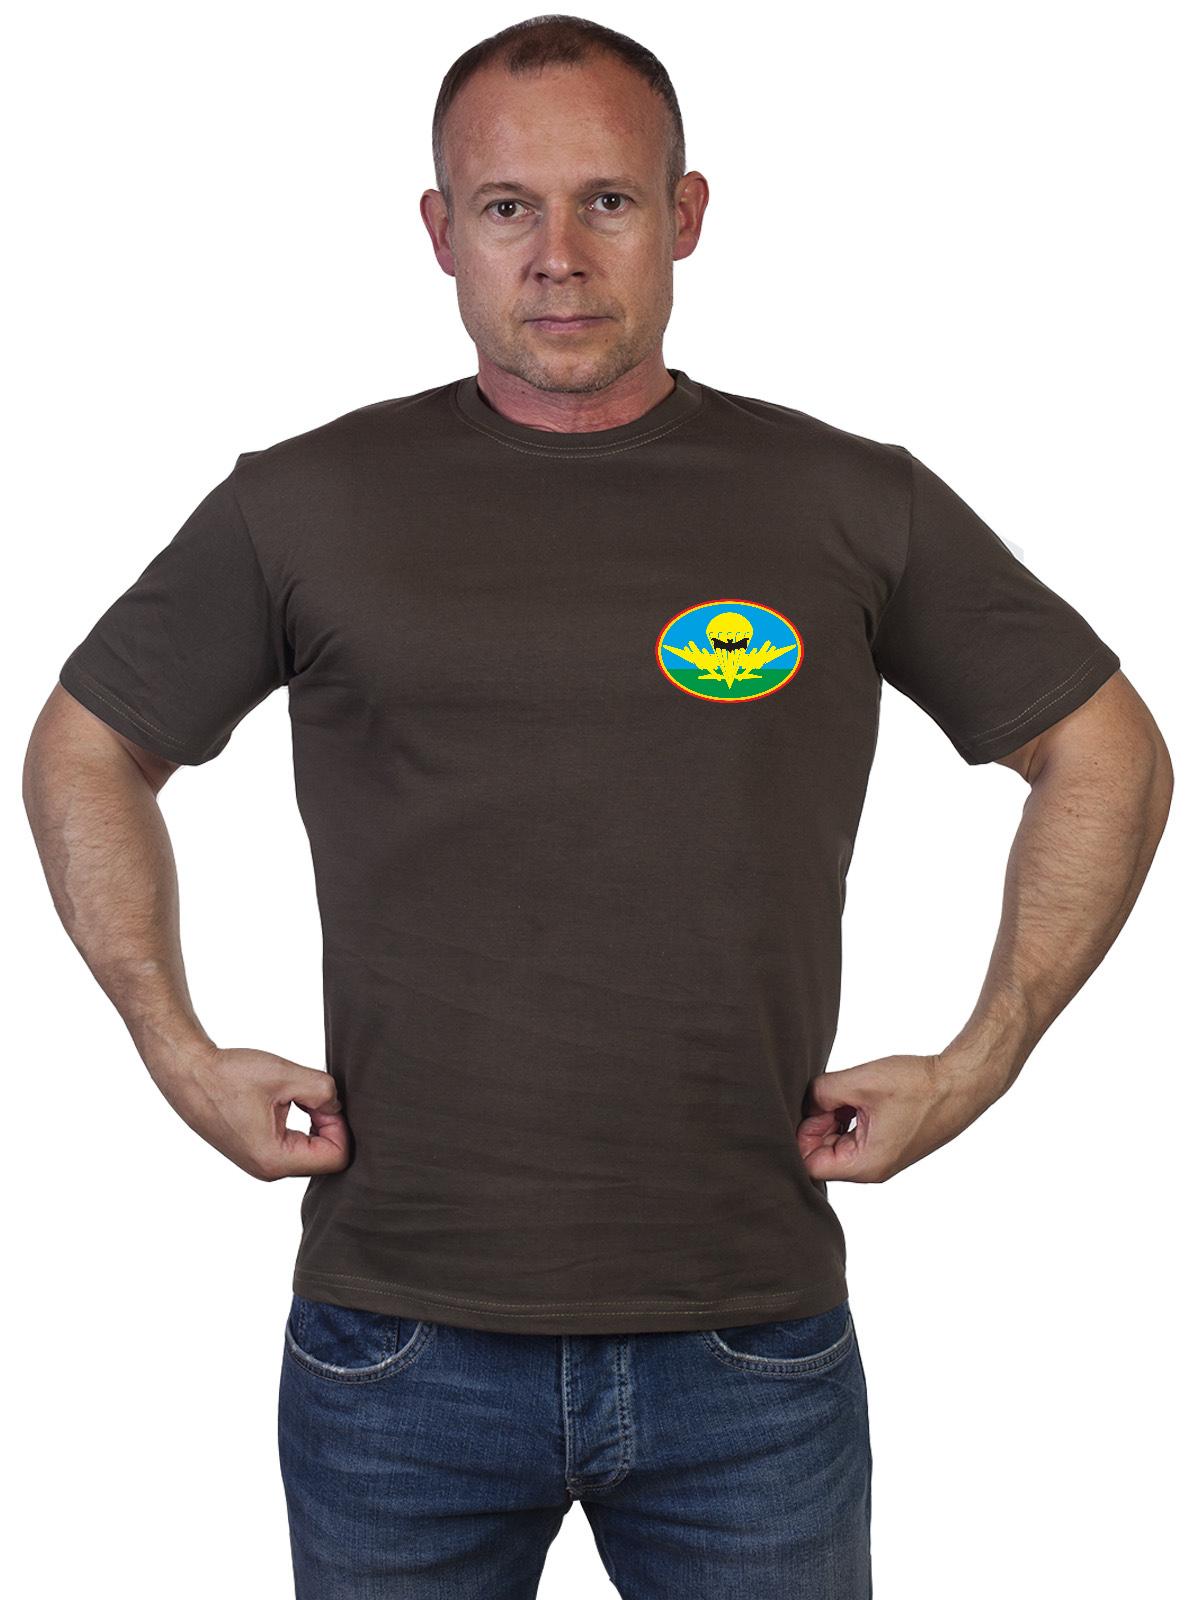 Недорогие футболки с принтами ВДВ в наличии и под заказ